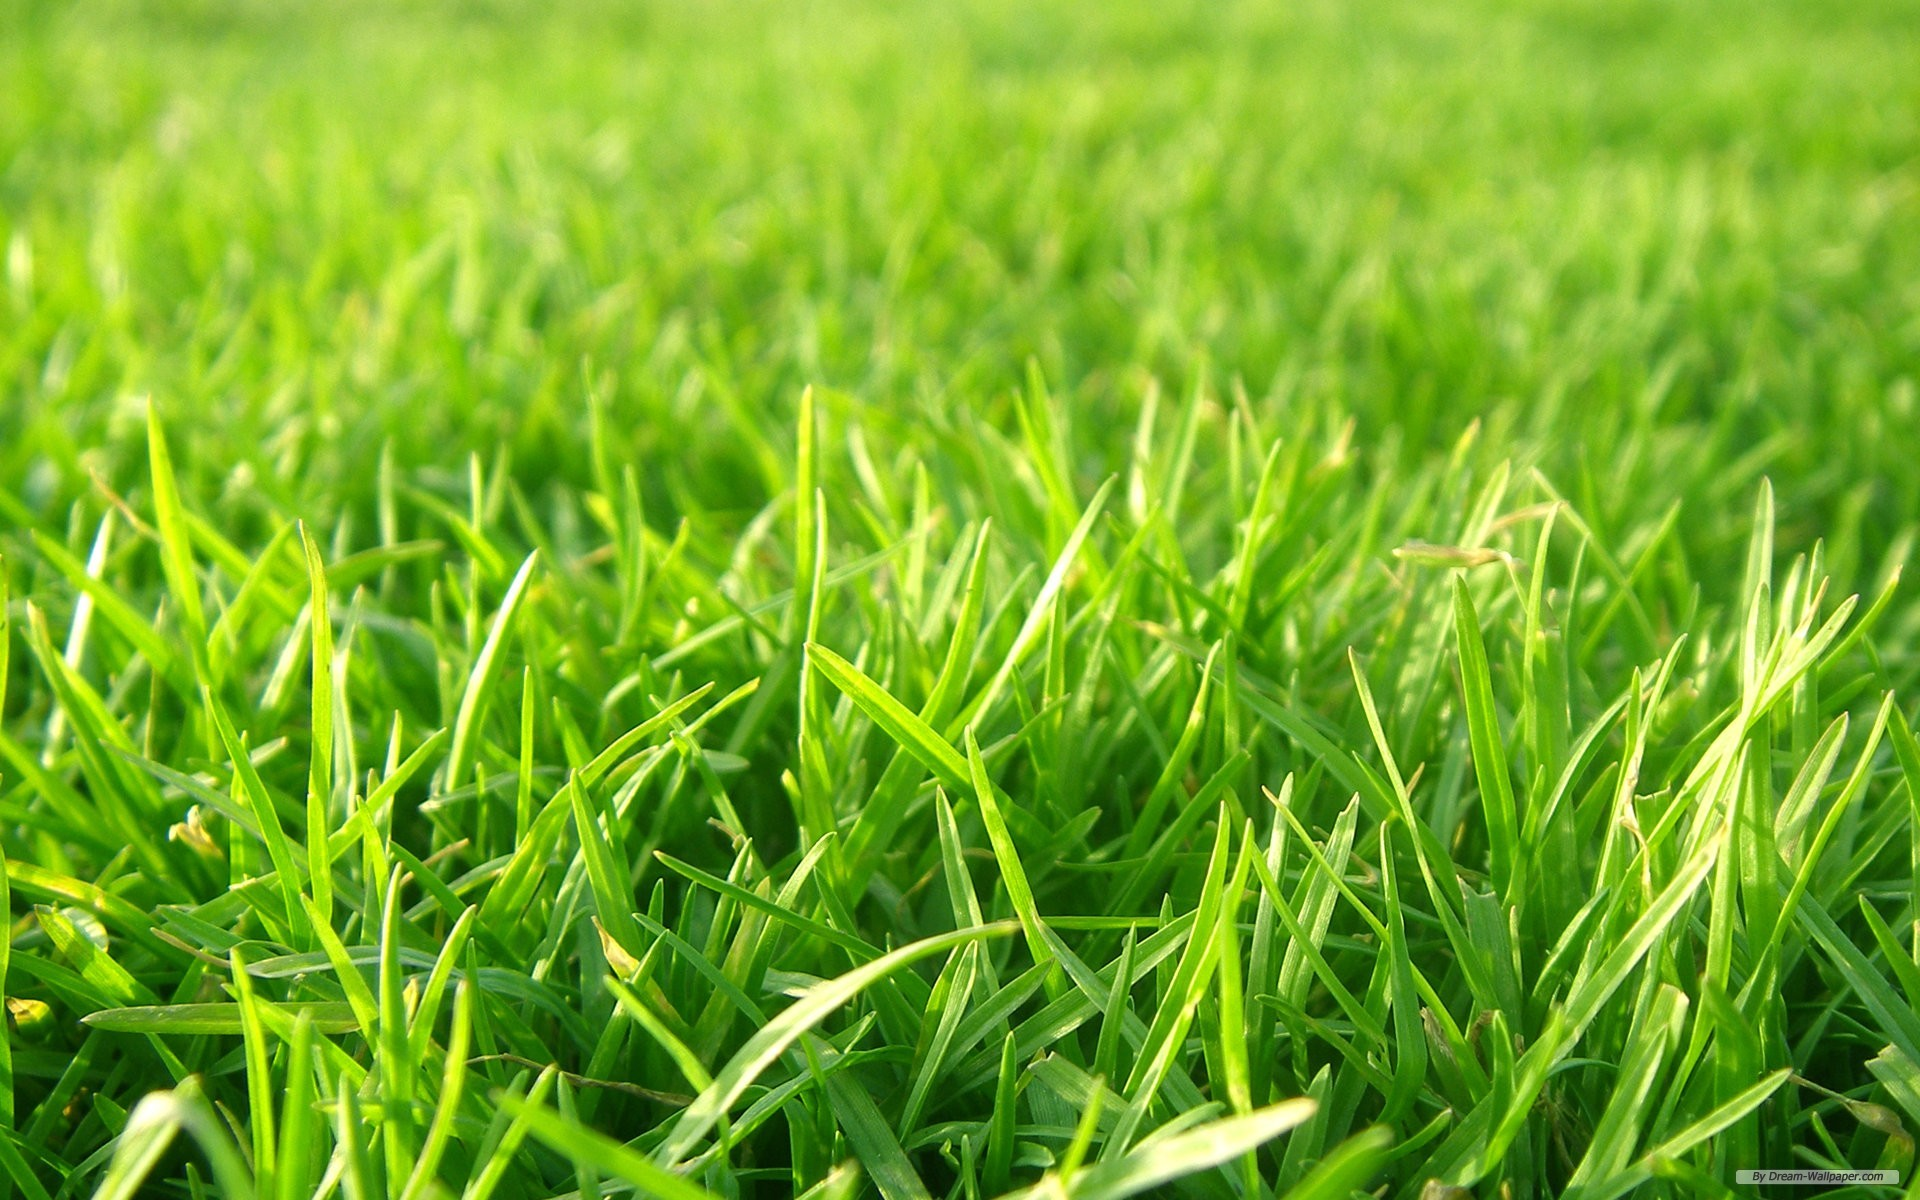 wallpaper – Grass Football Pitches wallpaper – wallpaper